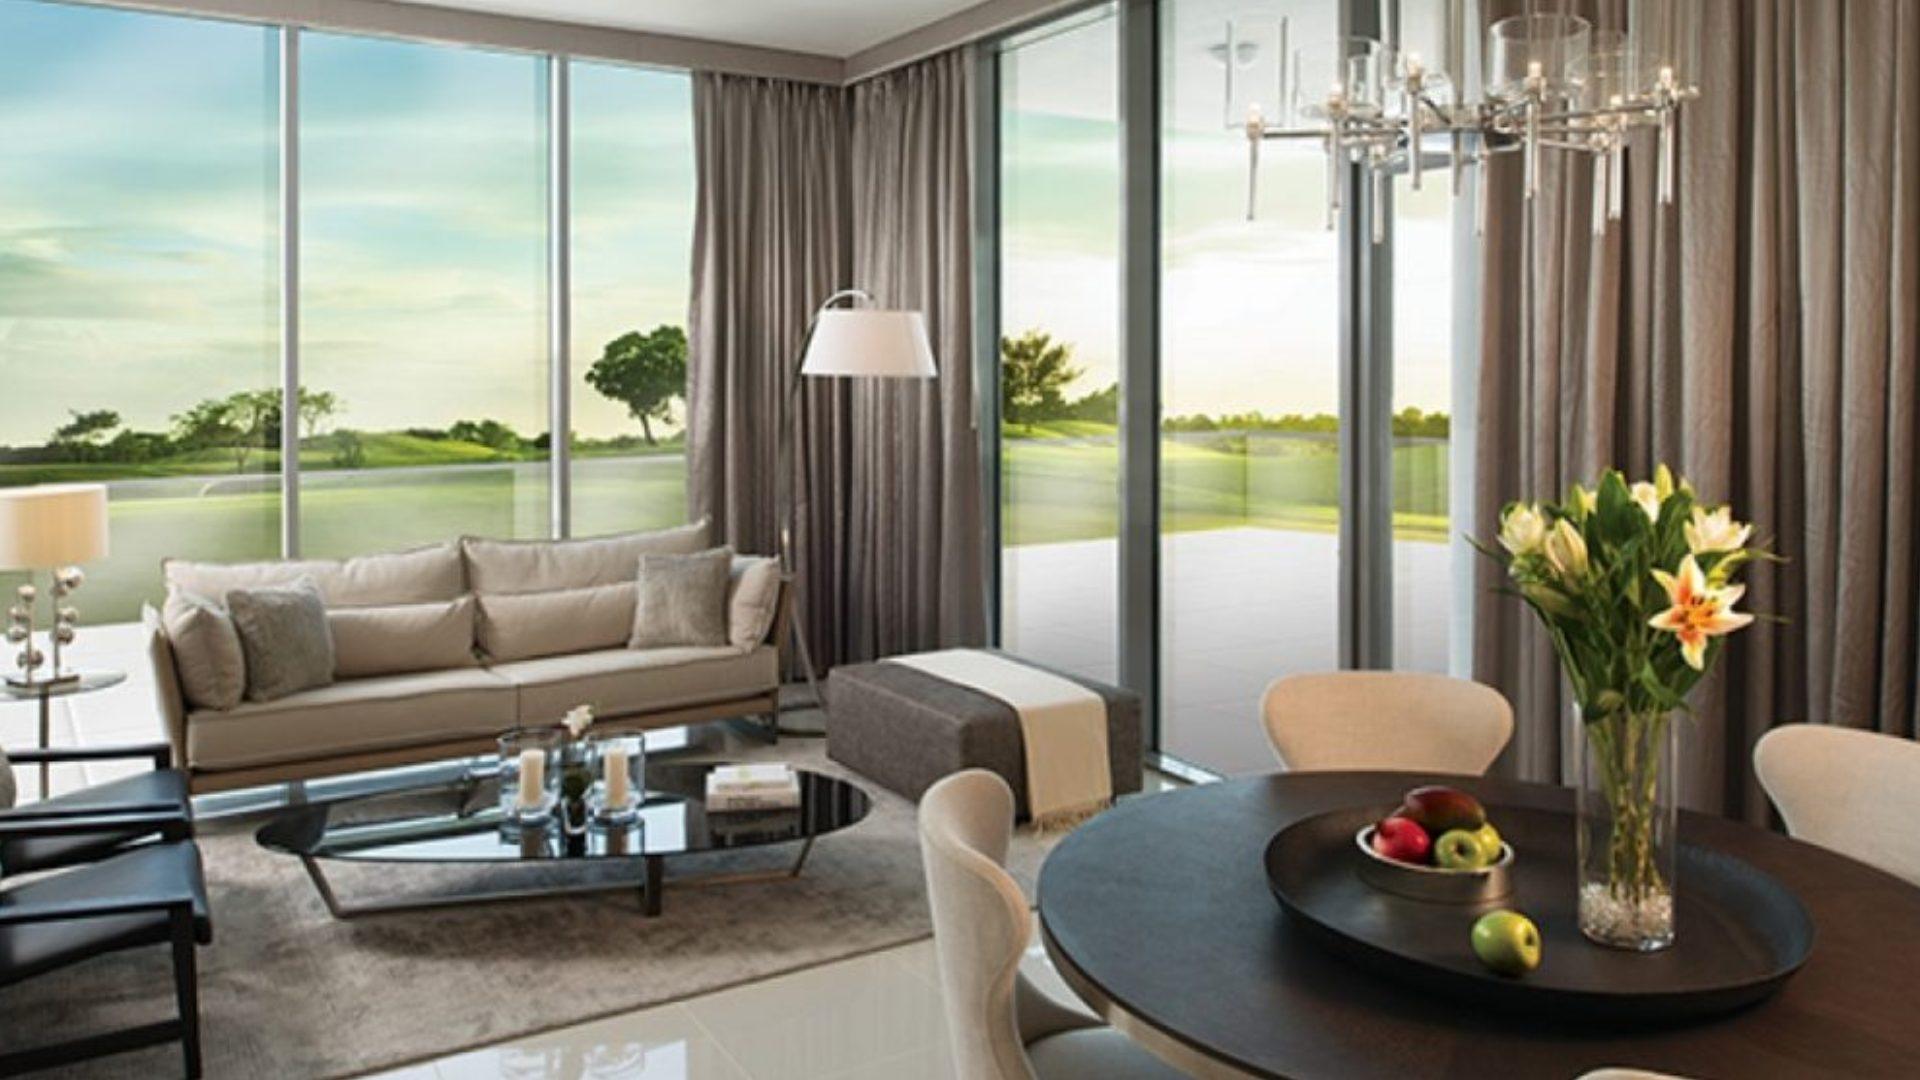 Apartamento en venta en Dubai, EAU, 3 dormitorios, 340 m2, № 24522 – foto 1